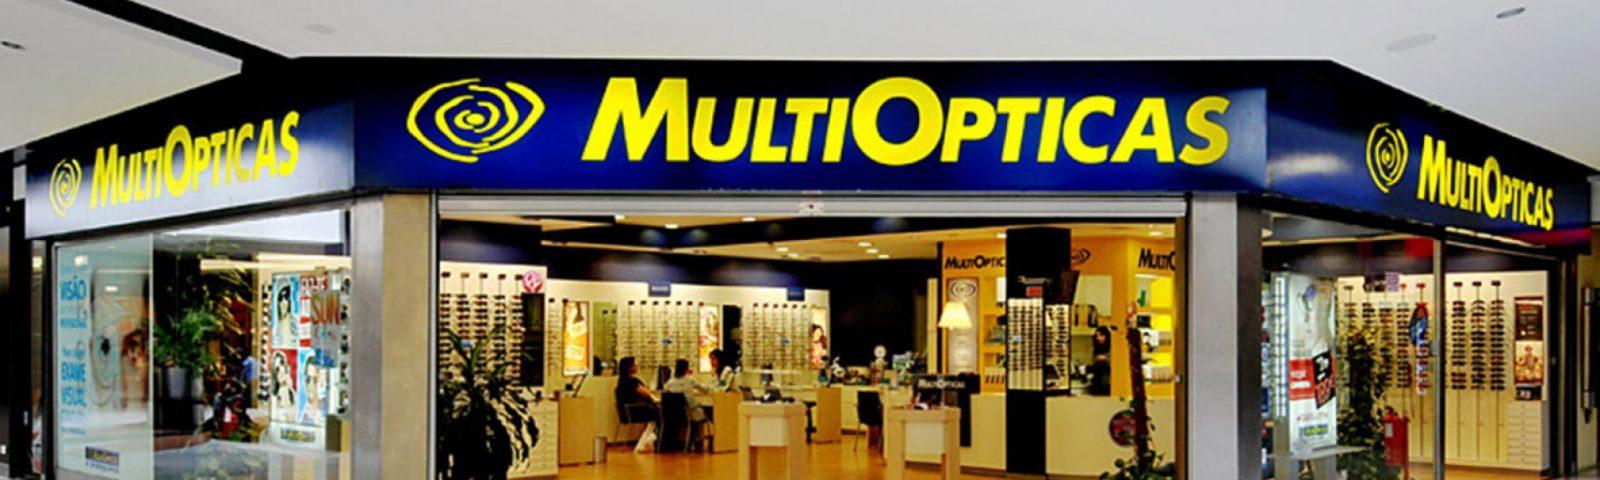 1c9875e24 Nova imagem na MultiOpticas do Centro Comercial Colombo ...